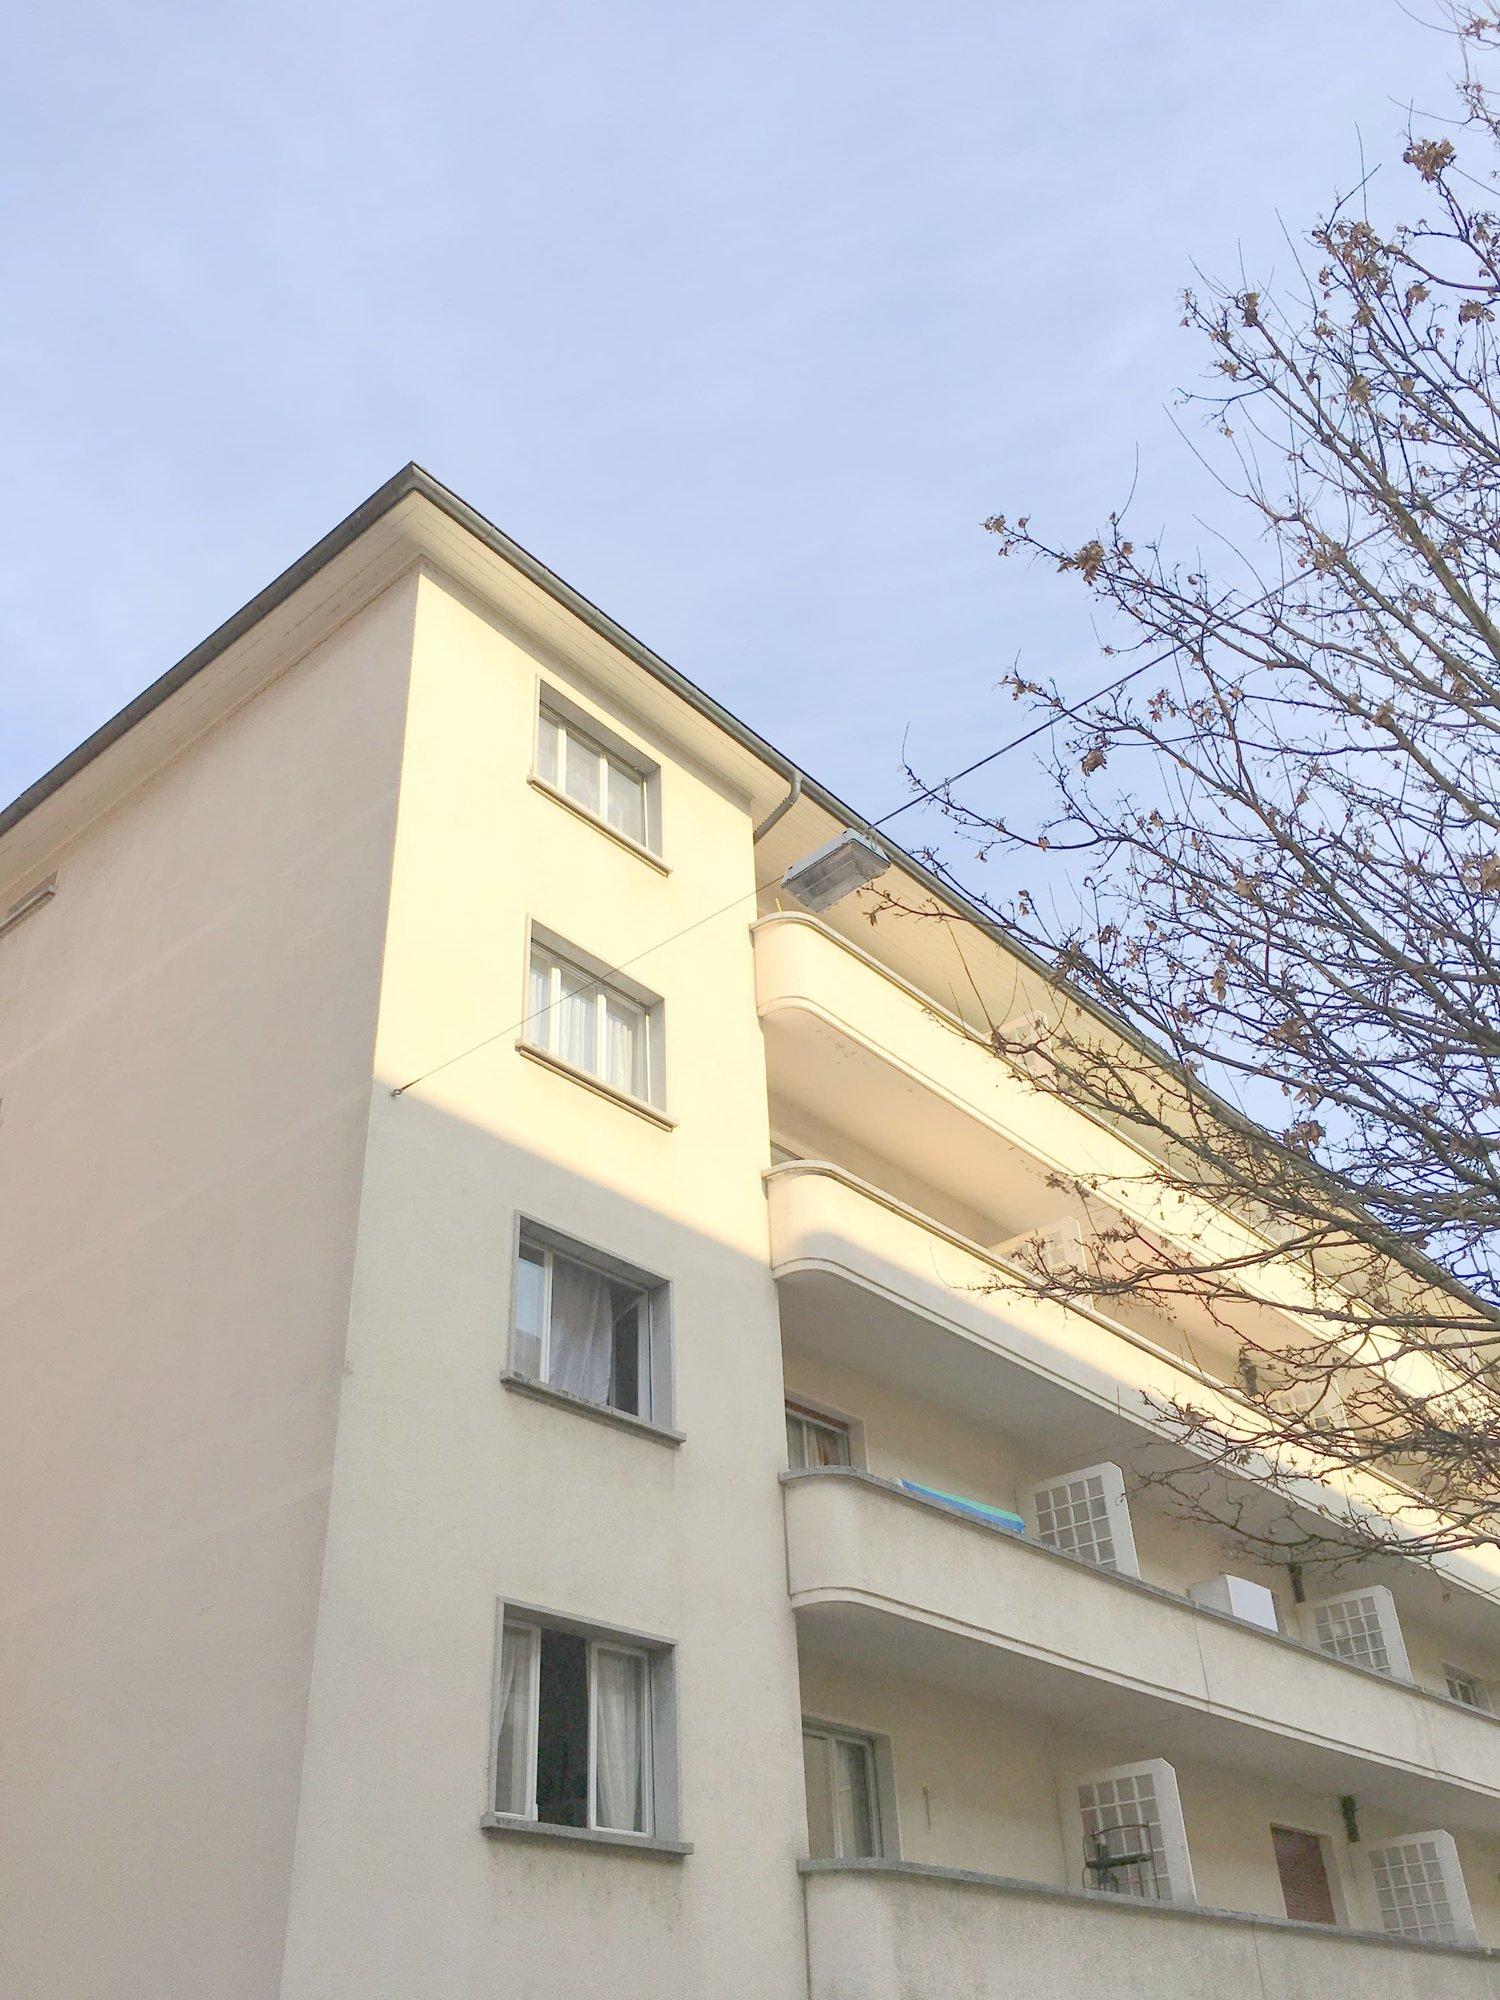 Rue Joseph Reichlen 9